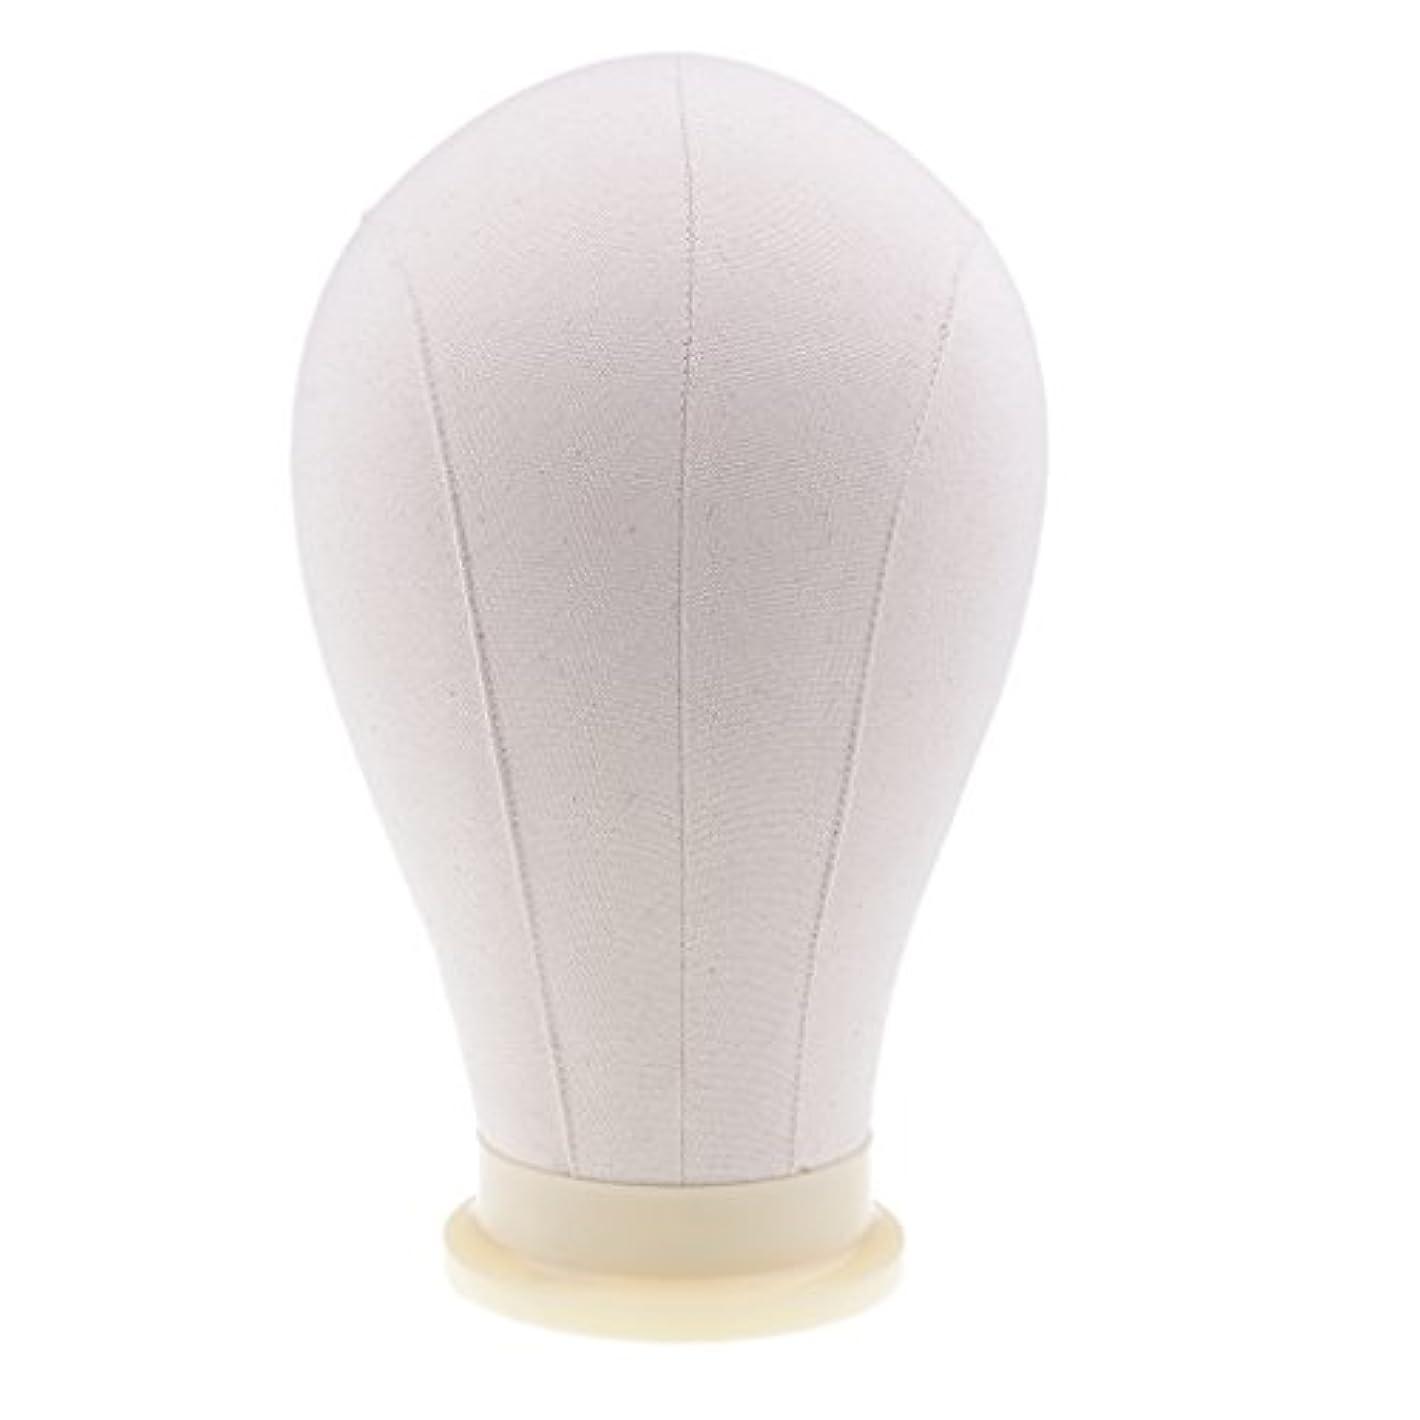 縫い目毎年アプローチSharplace マネキンヘッド ウィッグ キャンバス 頭部モデル かつら 帽子 メガネ ディスプレイ ホルダー 4サイズ - 24インチ